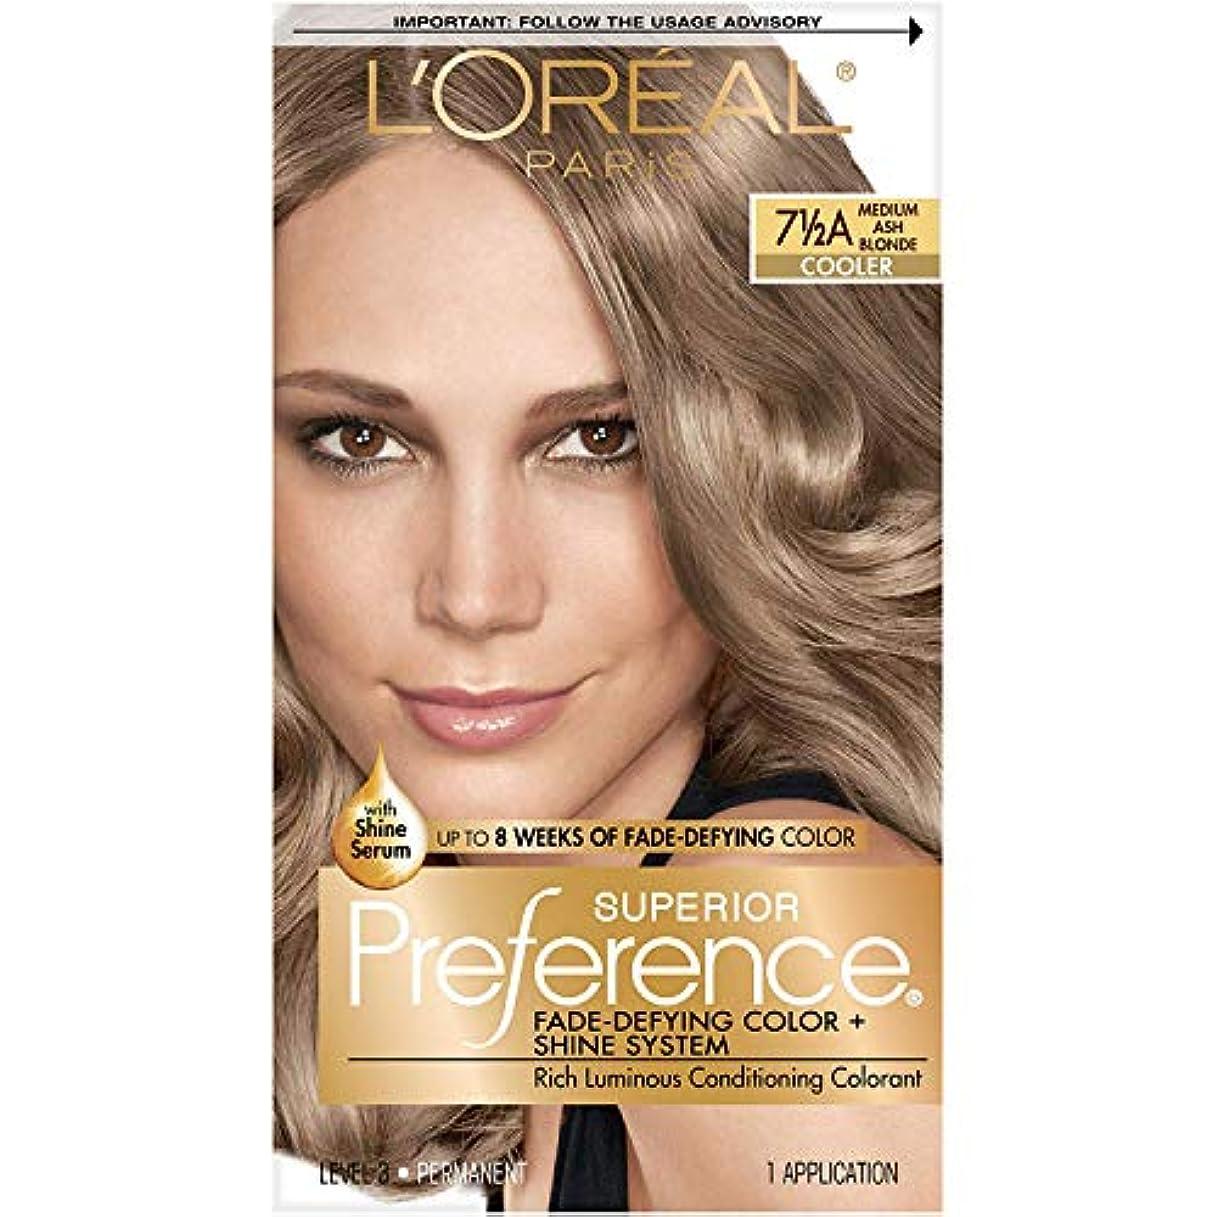 凝視悩み平行海外直送肘 LOreal Superior Preference Hair Color Medium Ash Blonde, Medium Ash Blonde 1 each